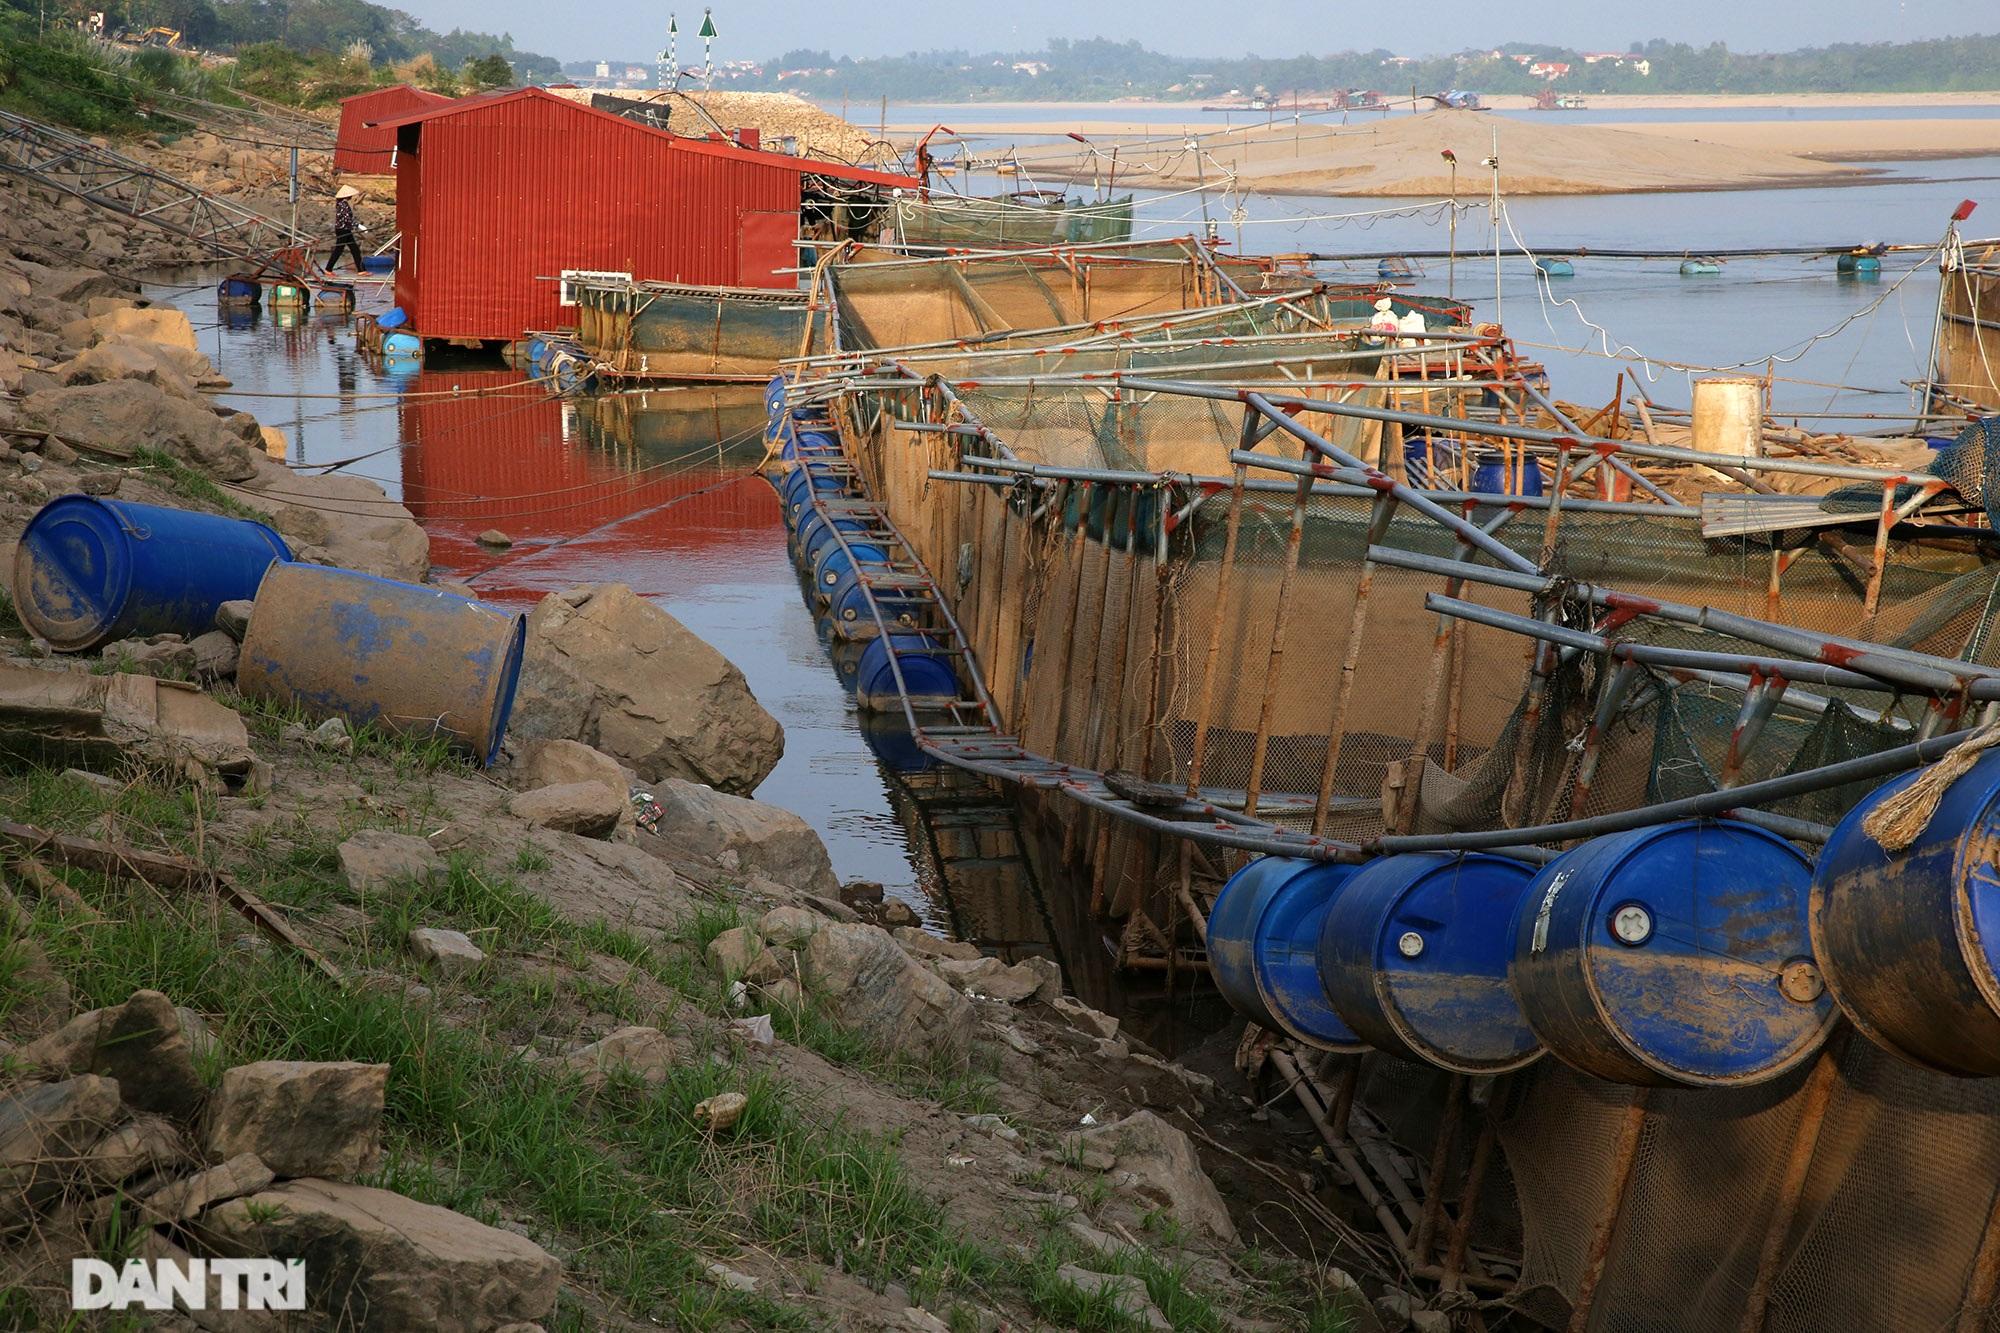 Sông Đà cạn trơ đáy, nông dân hối hả bơm cát cứu cá - 6